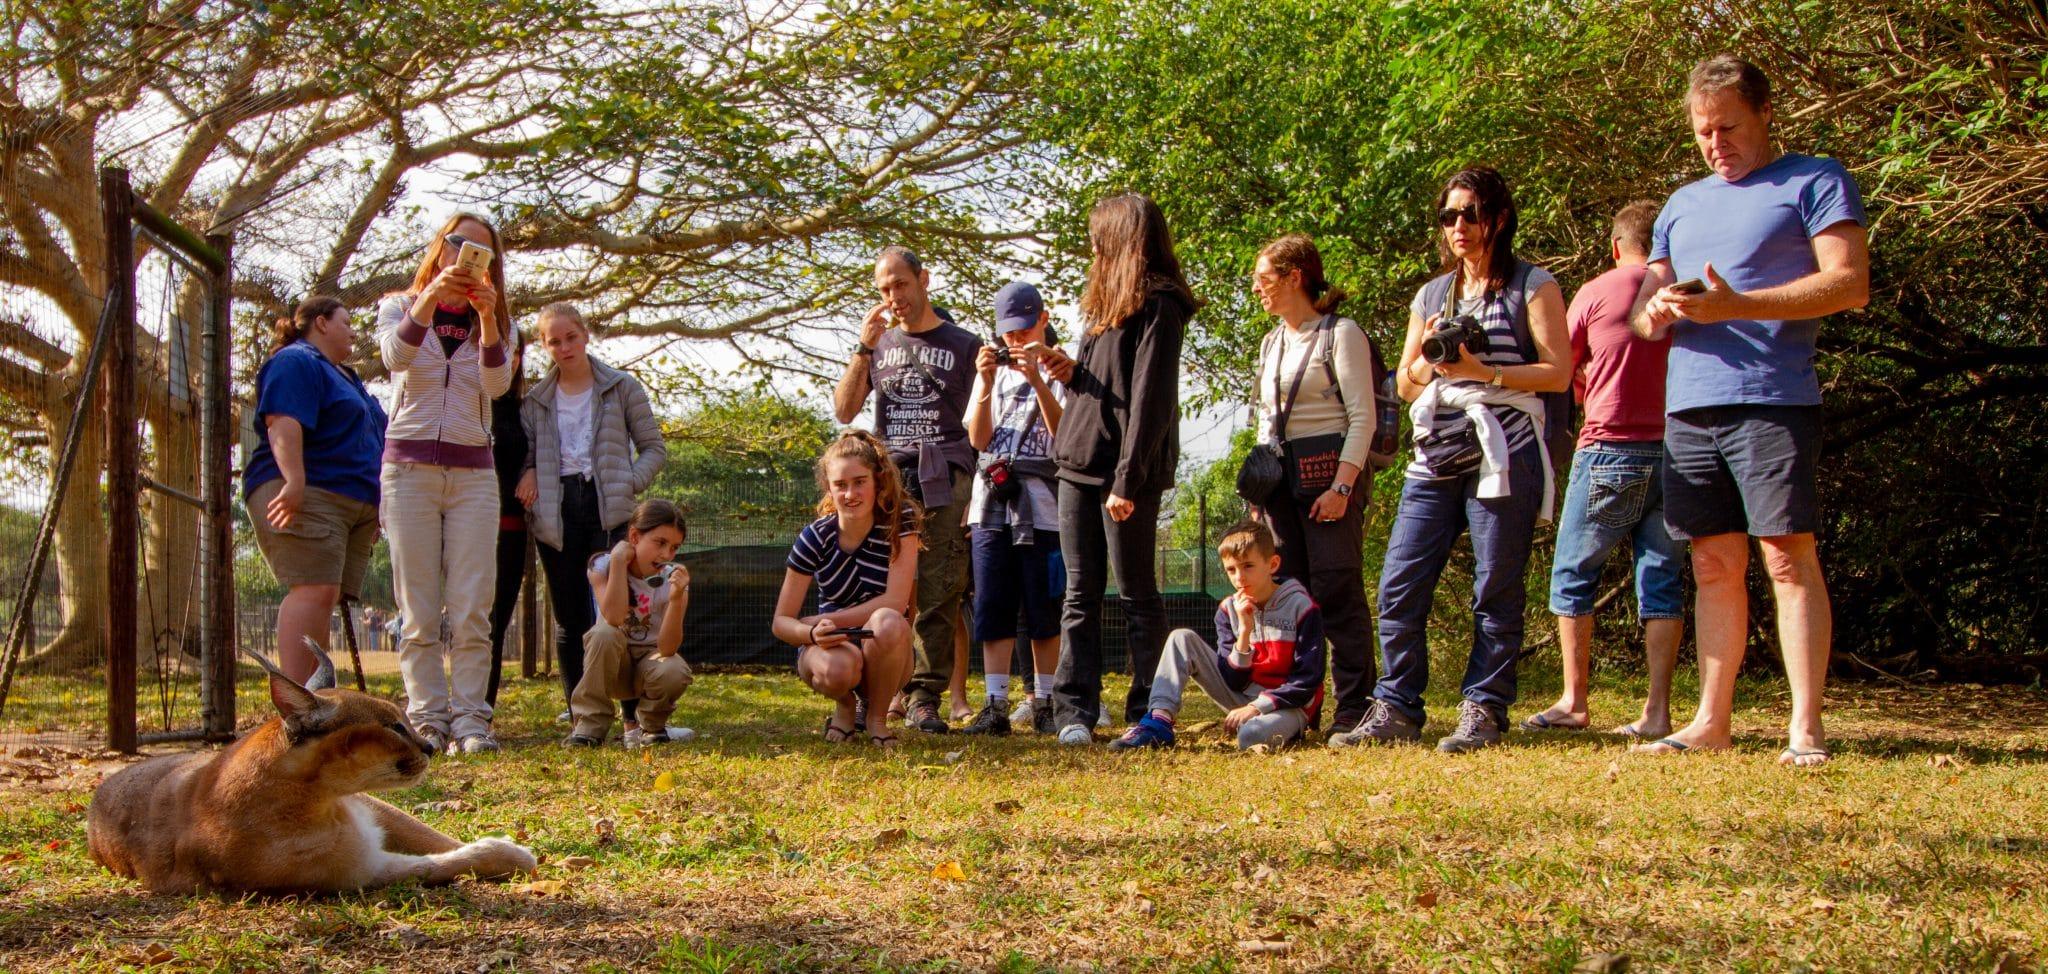 hluhluwe cheetah centre tour